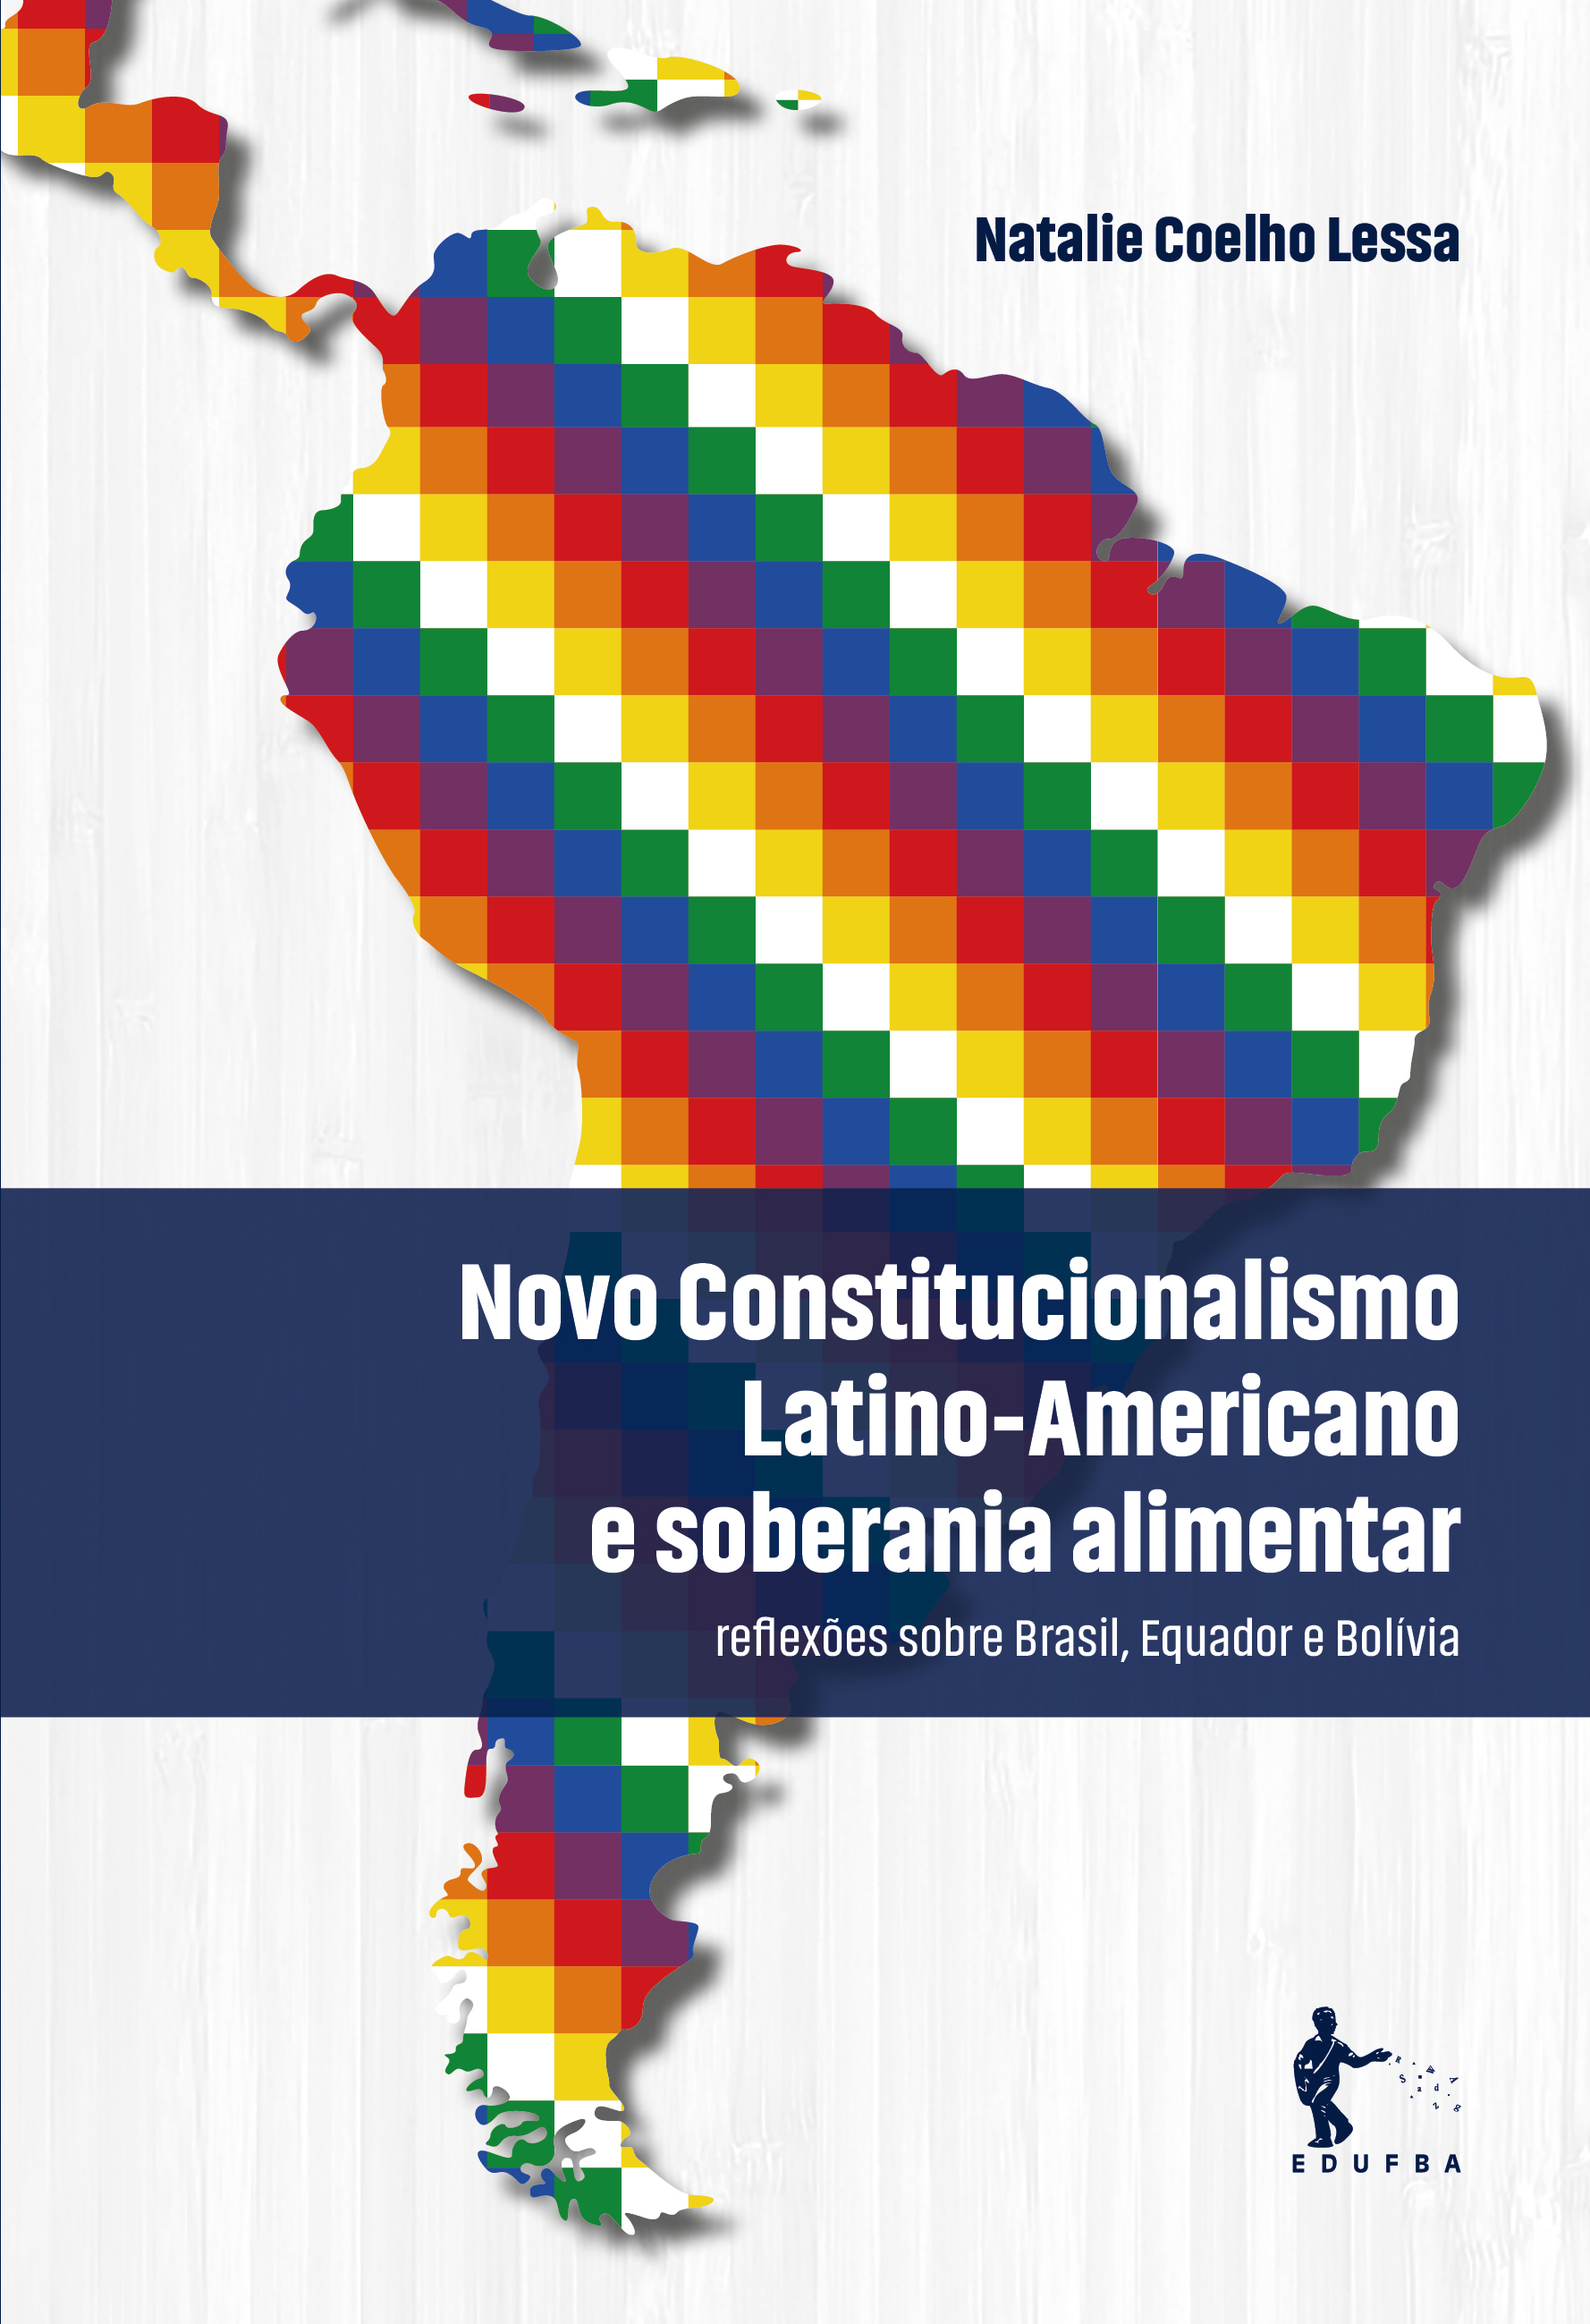 Novo Constitucionalismo Latino-Americano e Soberania Alimentar: reflexões sobre Brasil, Equador e Bolívia, livro de Natalie Coelho Lessa